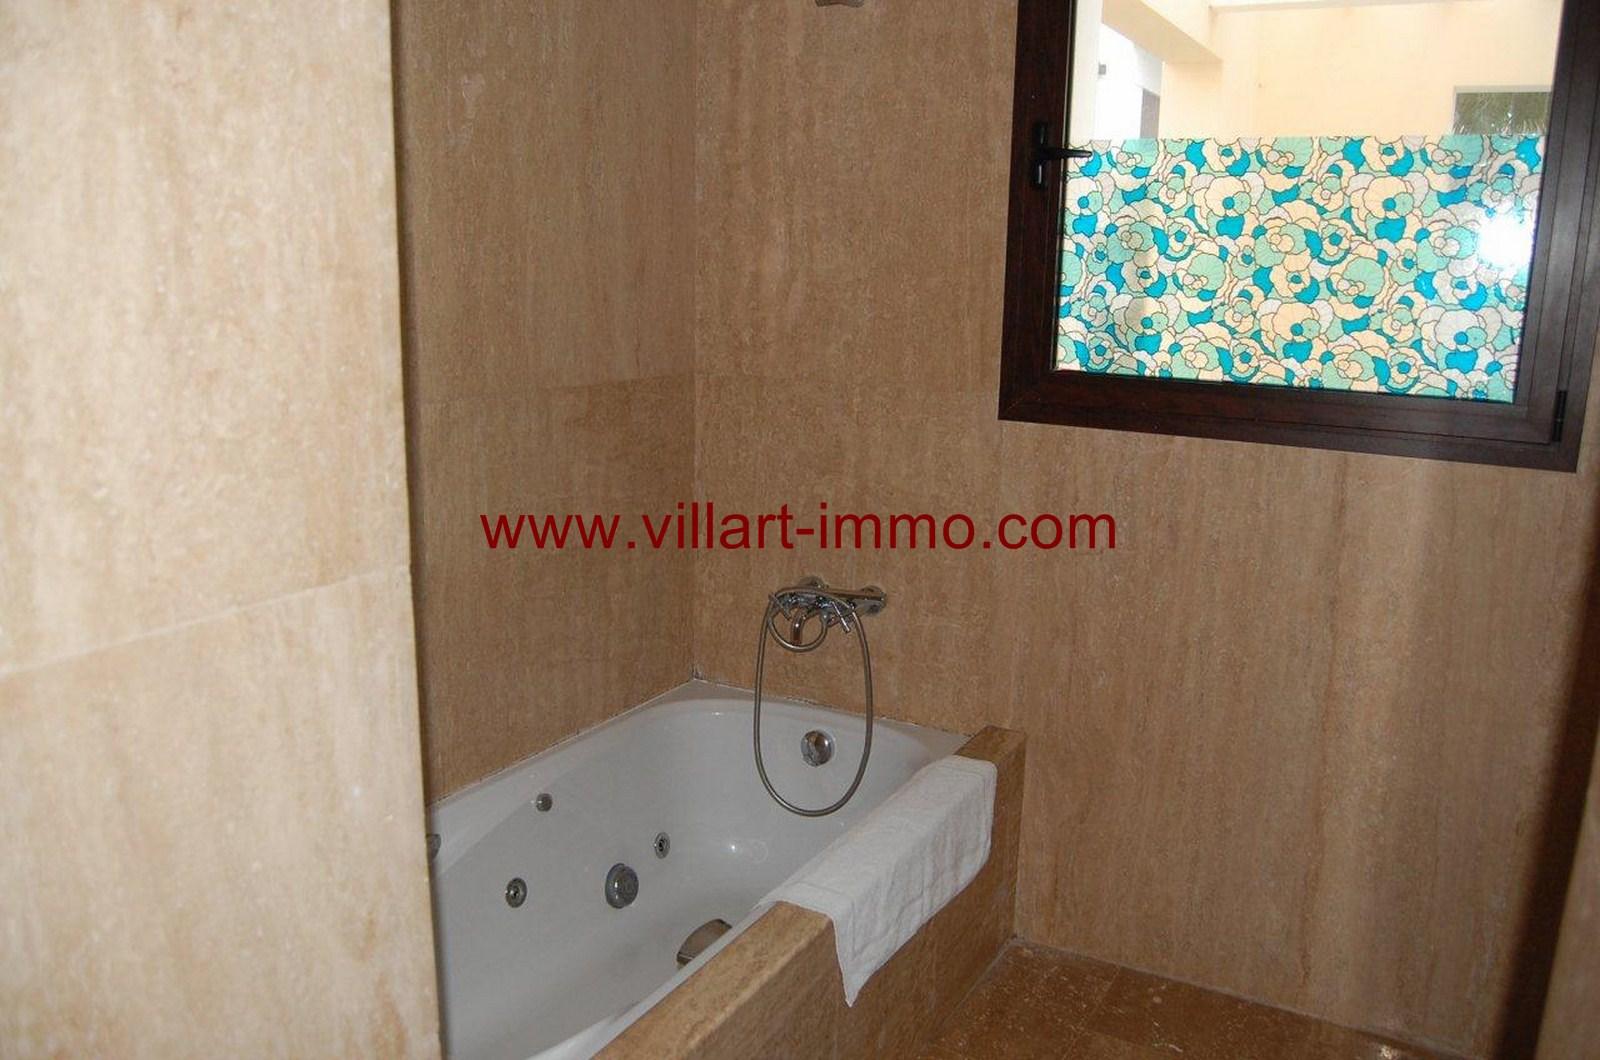 9-vente-appartement-tanger-achakar-salle-de-bain-va390-villart-immo